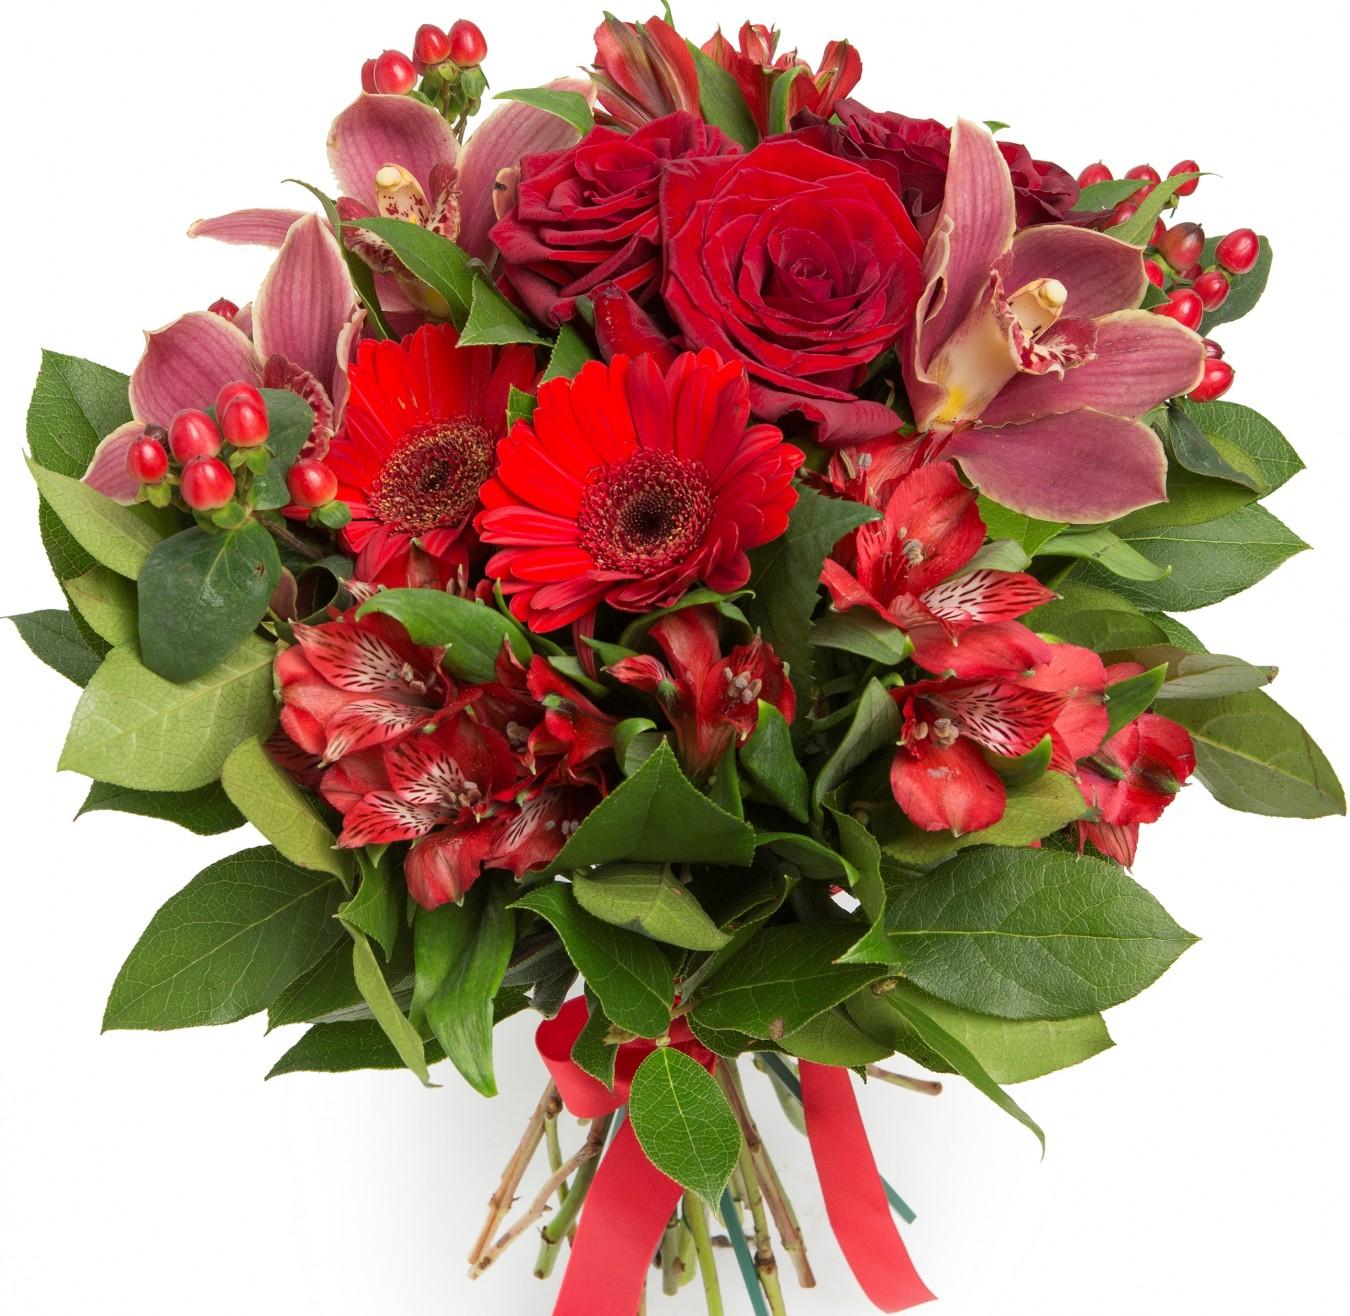 Купить цветы в Казани: доставка букетов круглосуточно 72